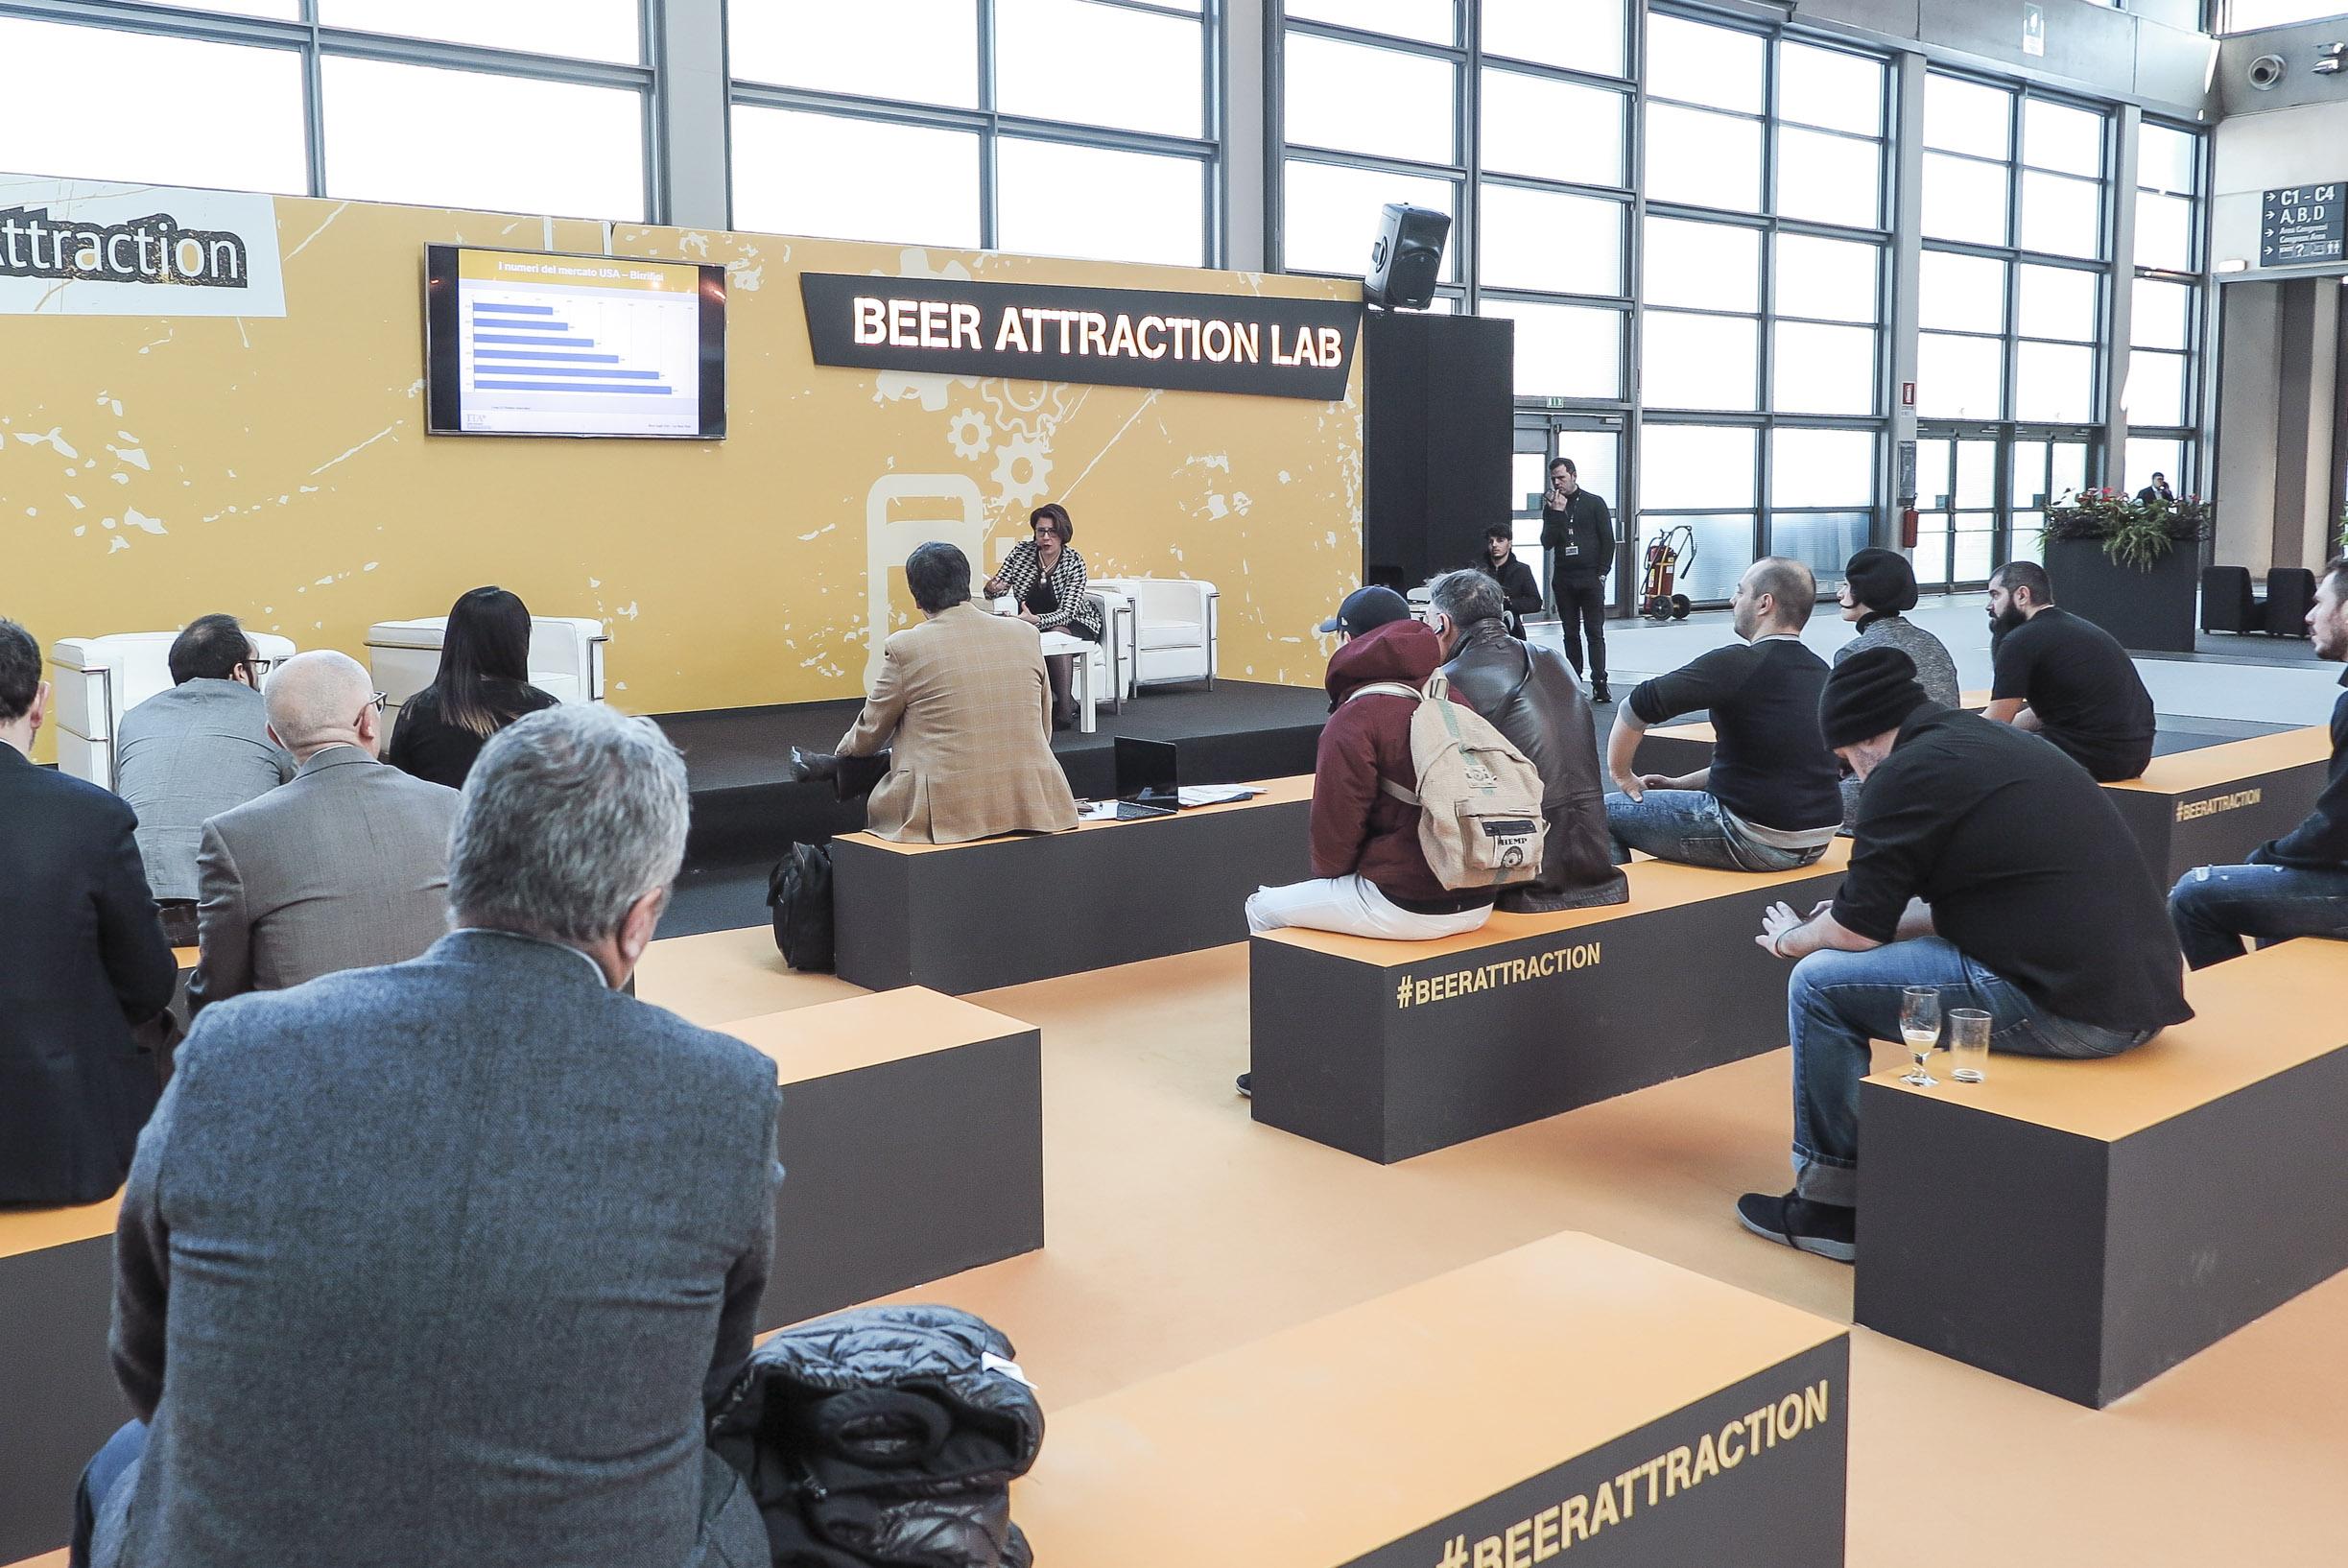 Le Americhe: un mercato a cui ambire per la birra artigianale italiana